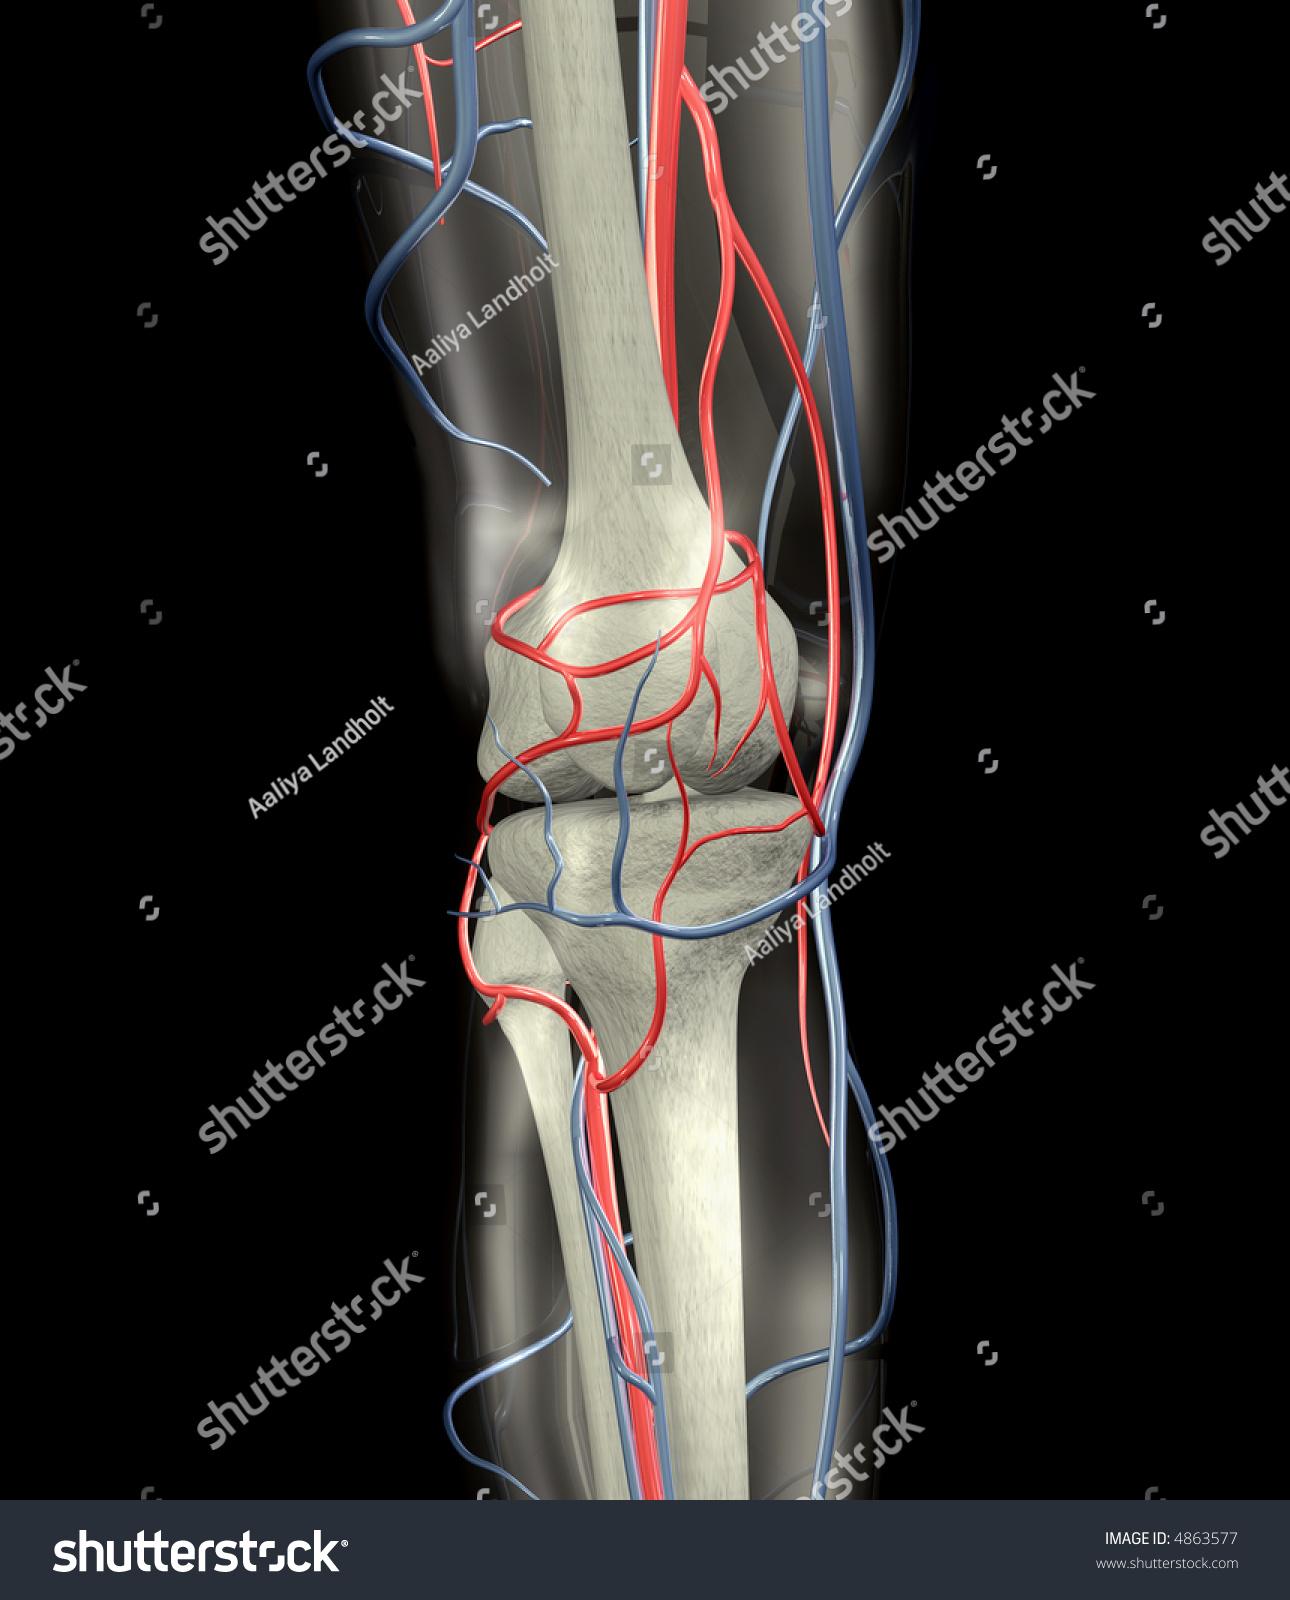 Knee Bones, Arteries, Veins Stock Photo 4863577 : Shutterstock